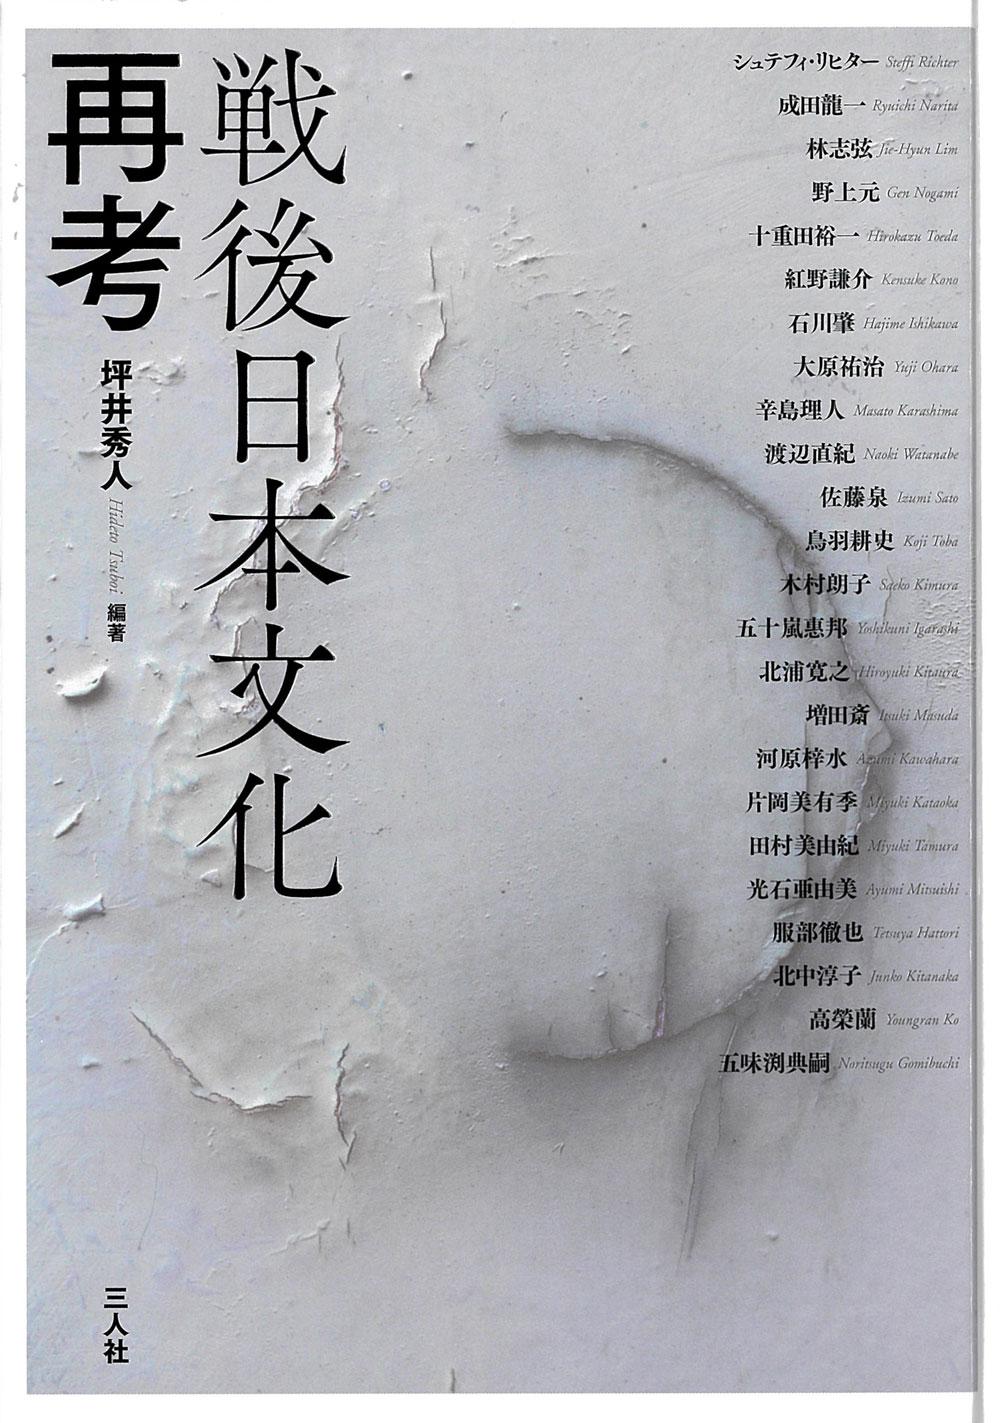 戦後日本文化再考